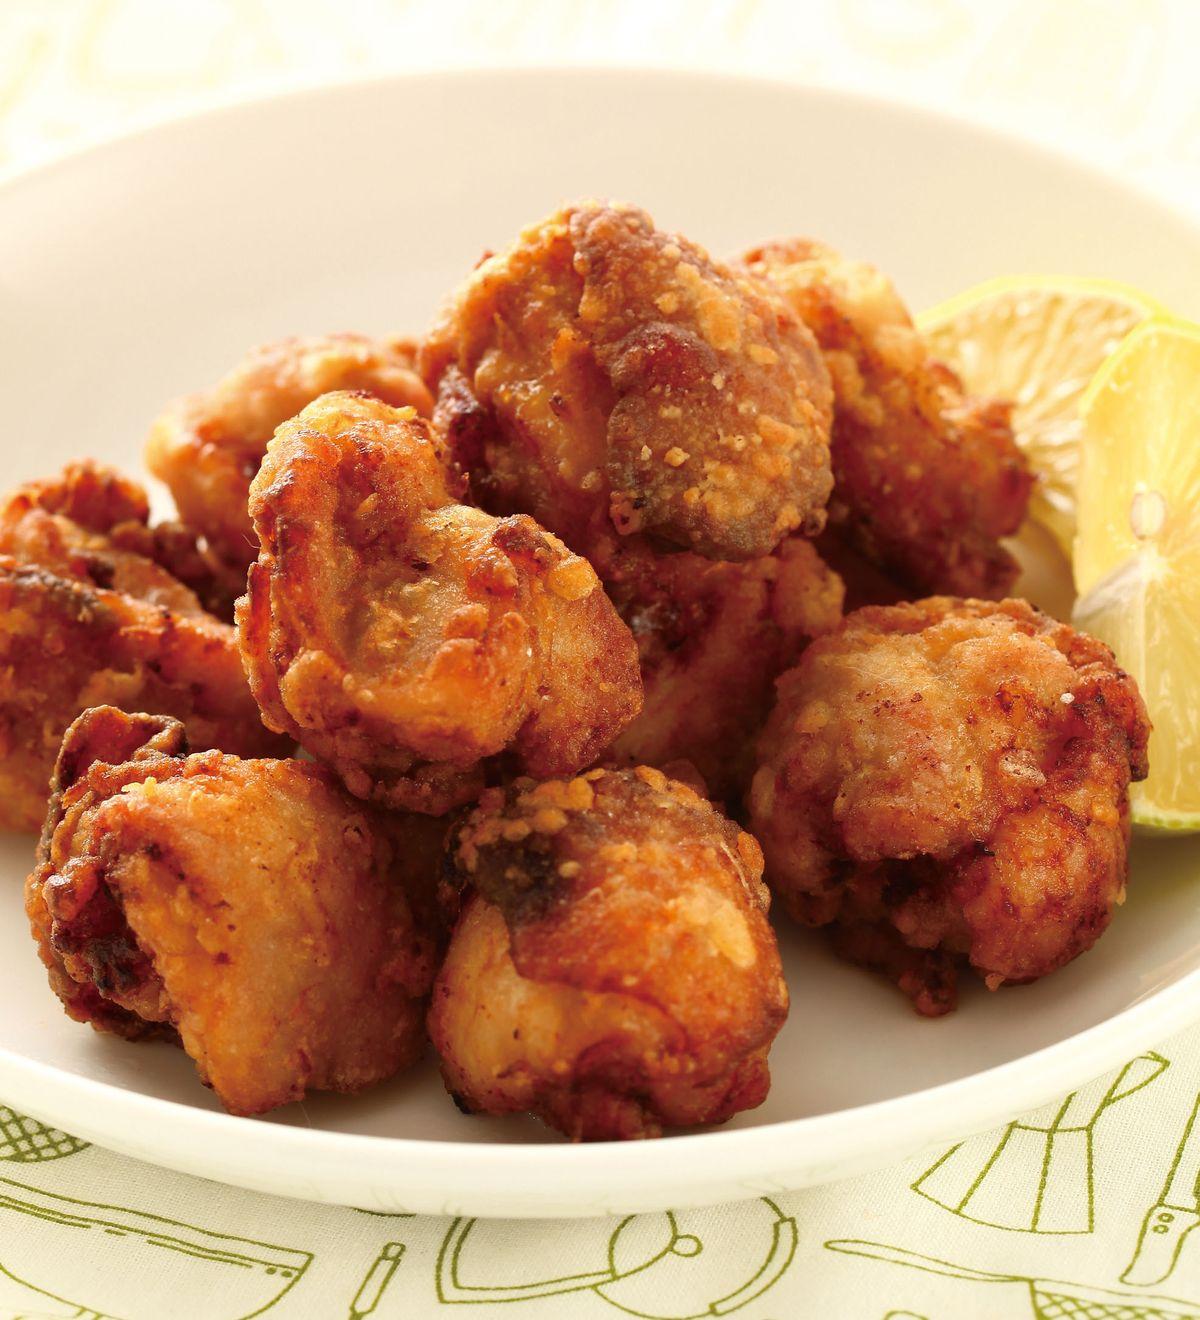 食譜:唐揚雞塊